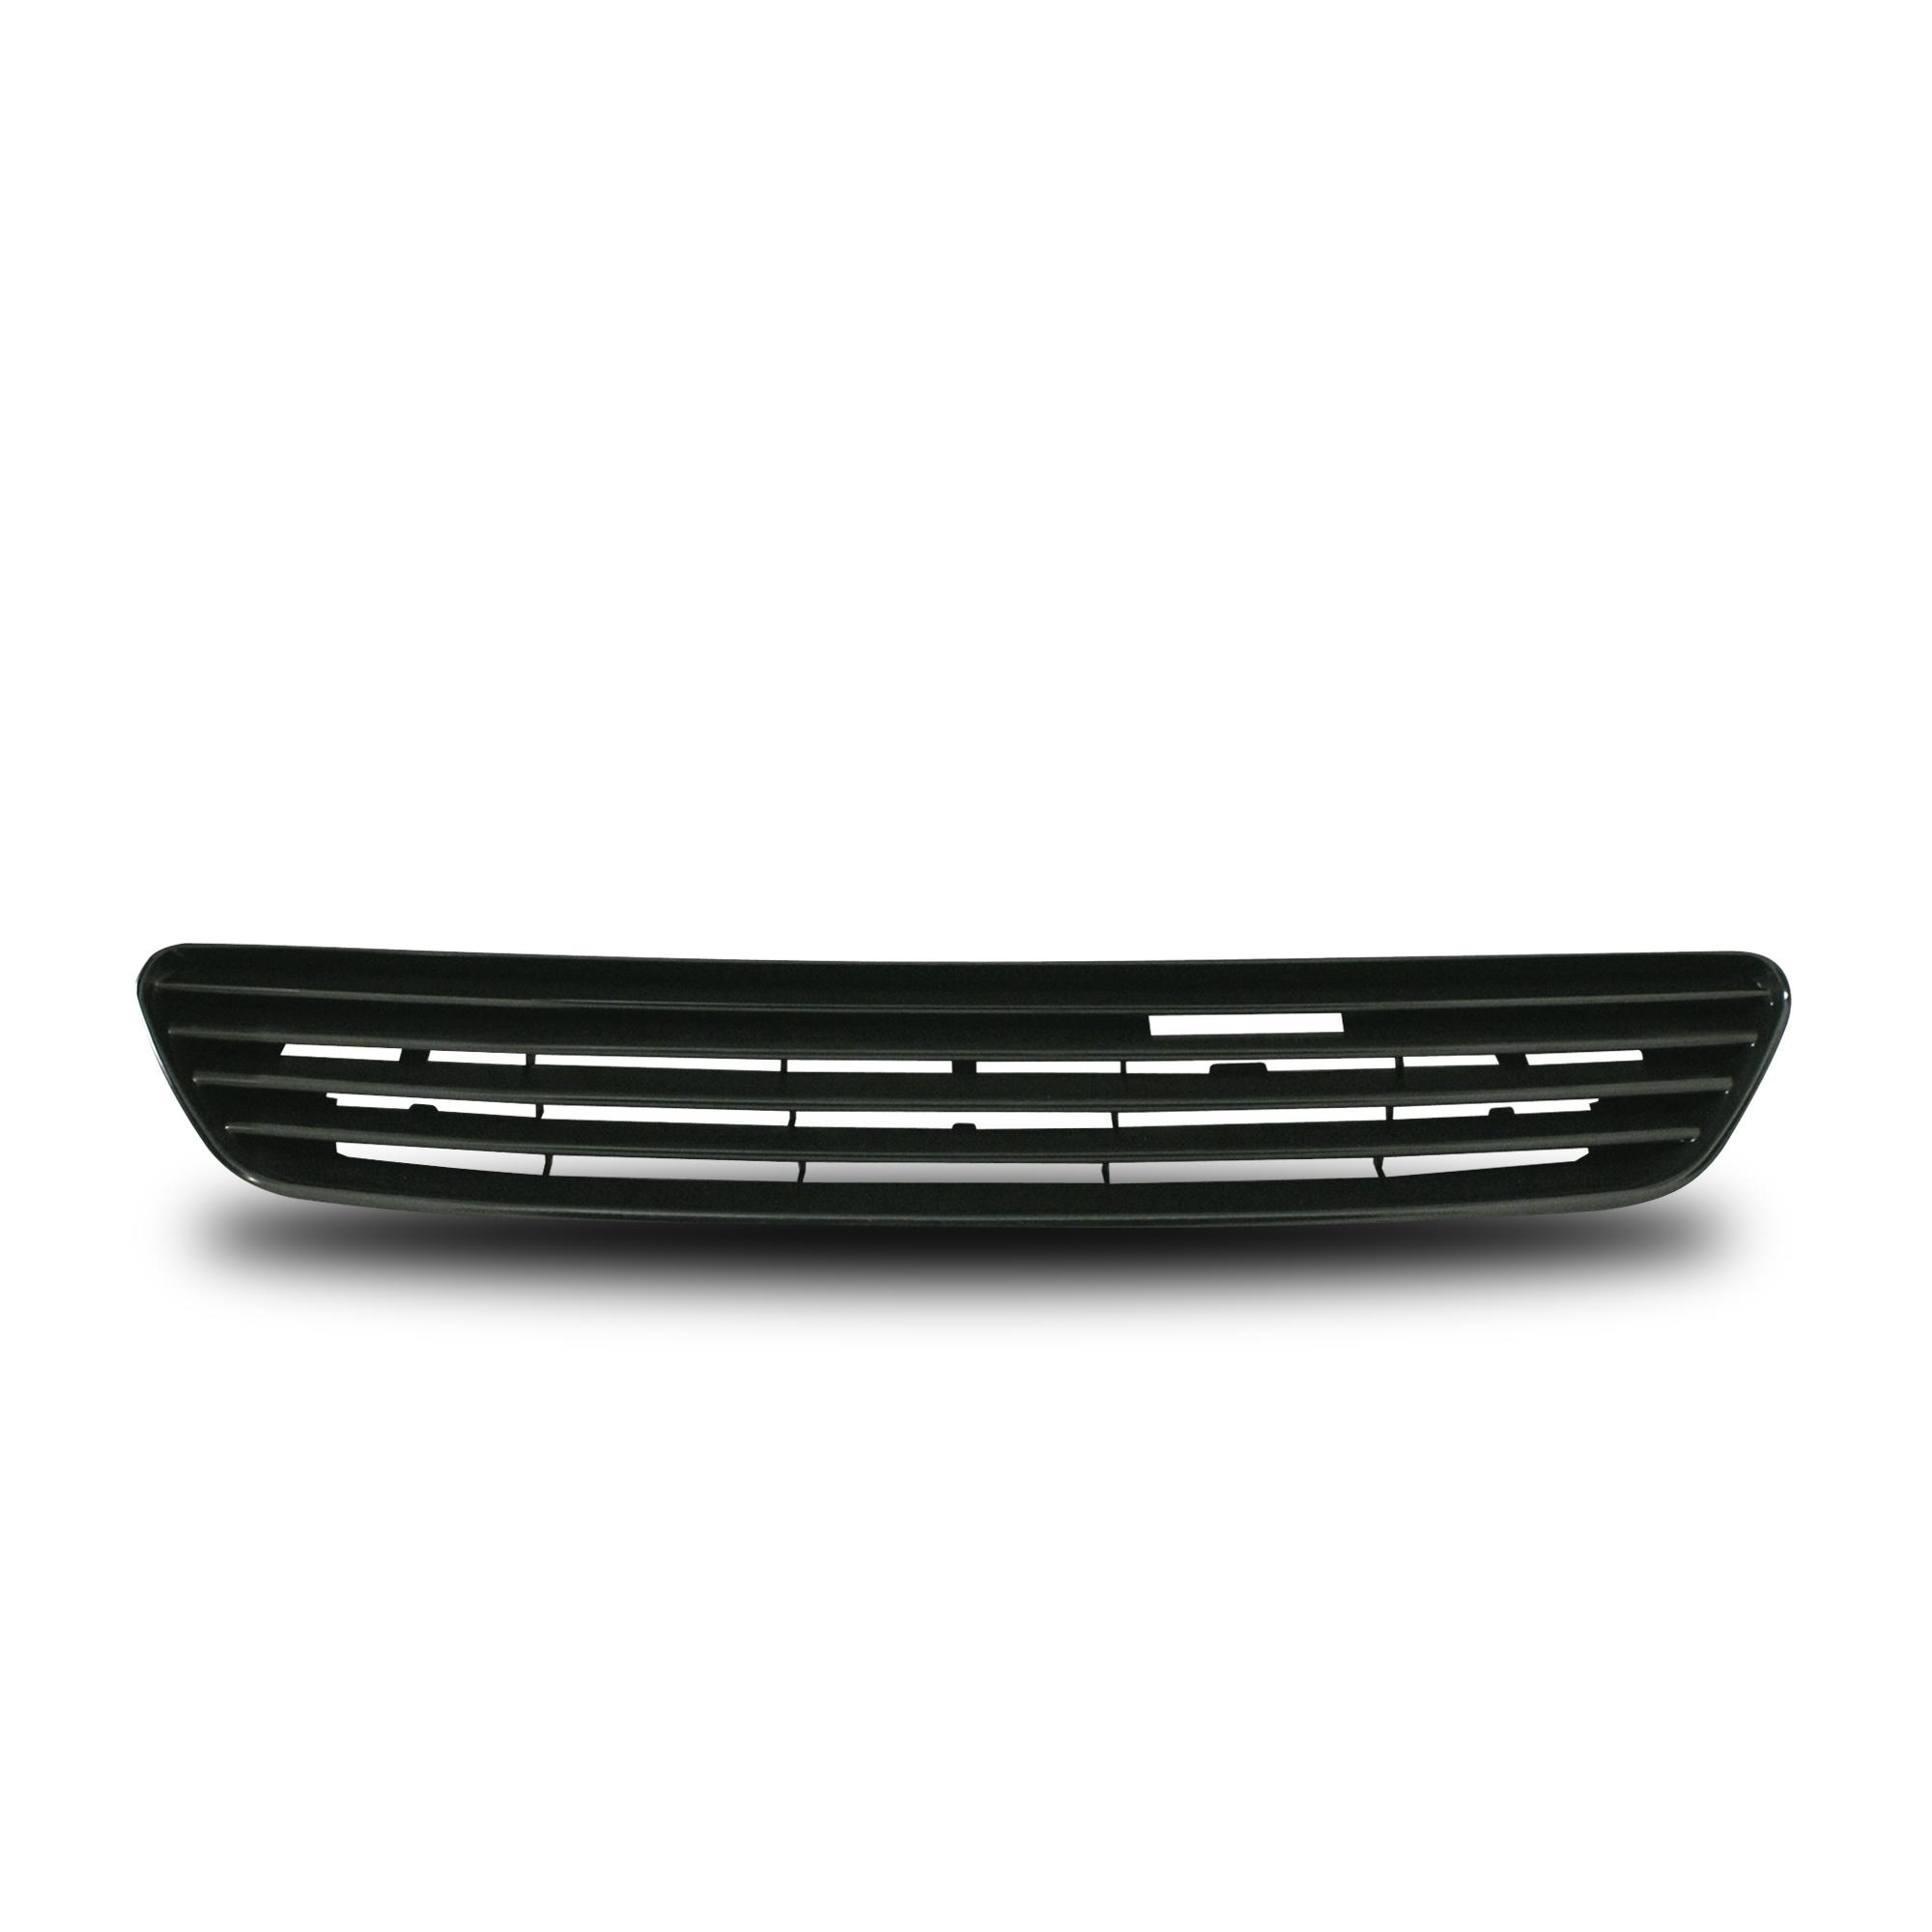 JOM Frontgrill sort til Opel Astra G - uden logo